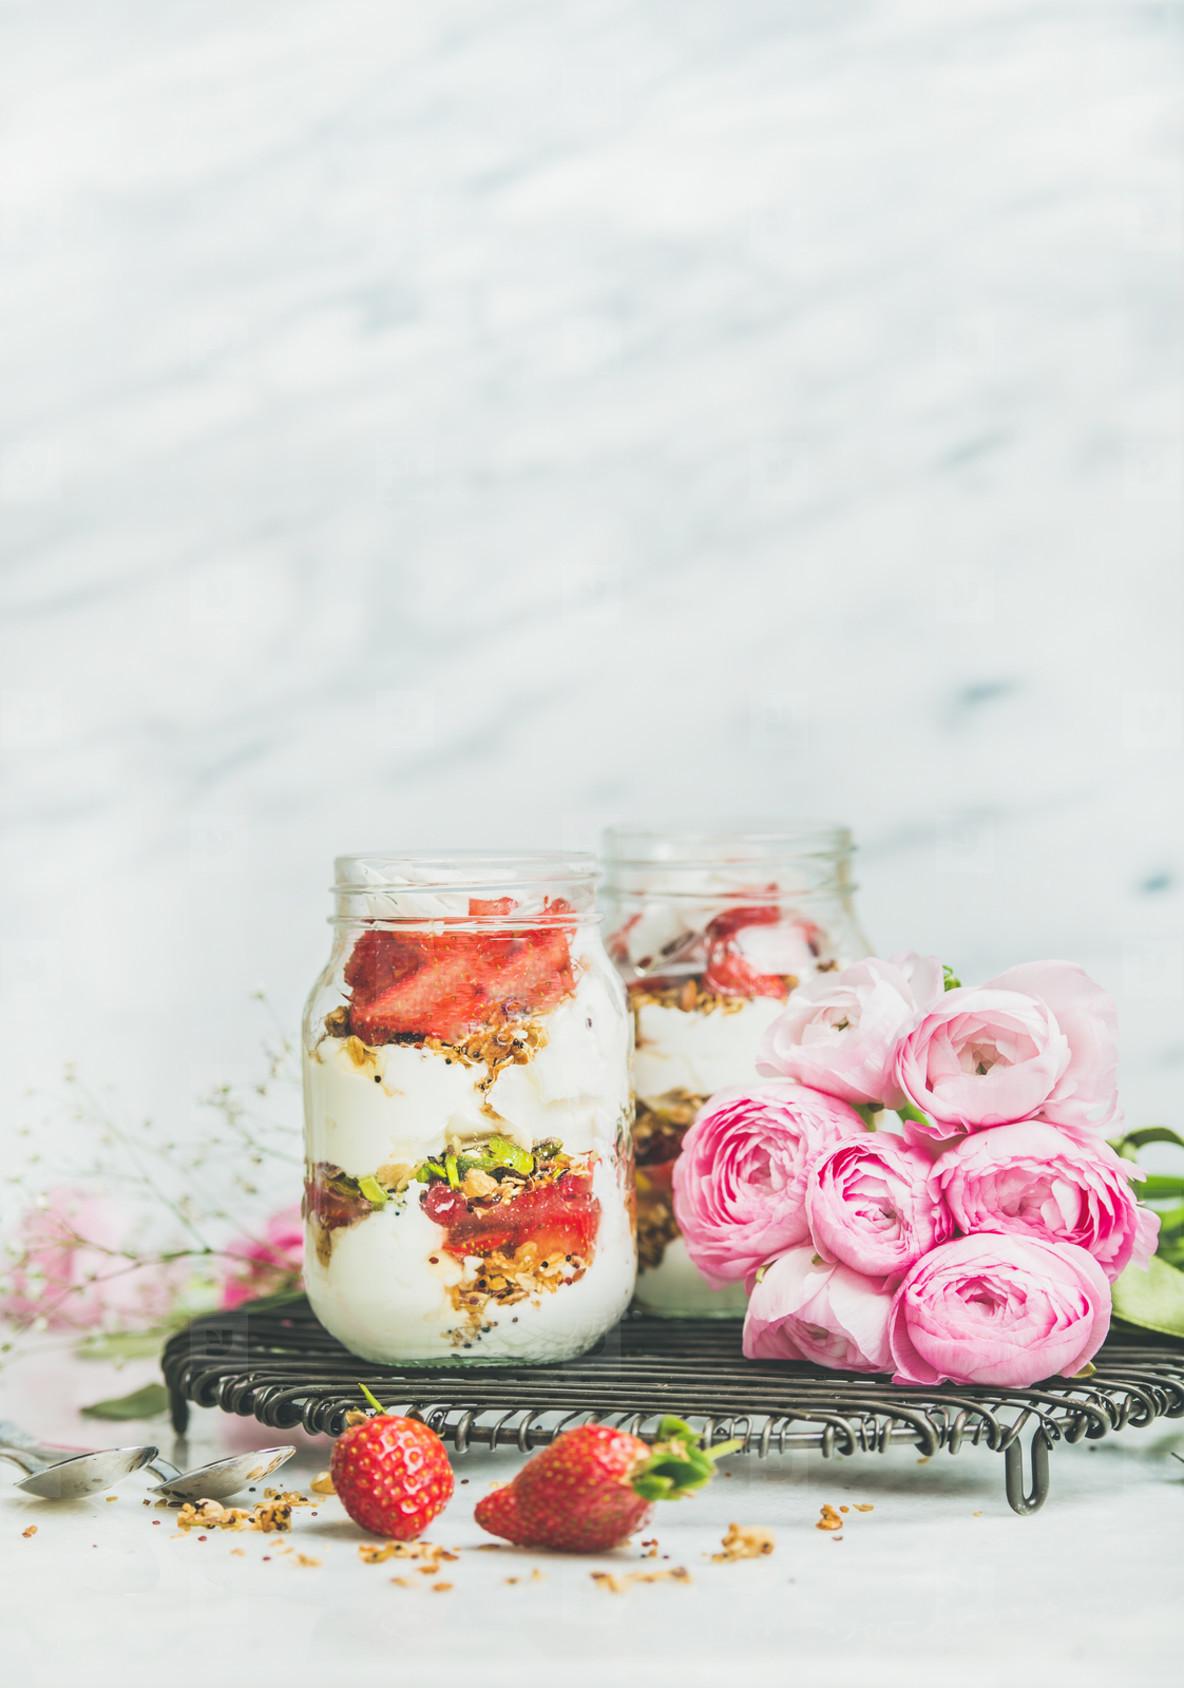 Greek yogurt  granola  fresh strawberry breakfast in jars  raninkulus flowers